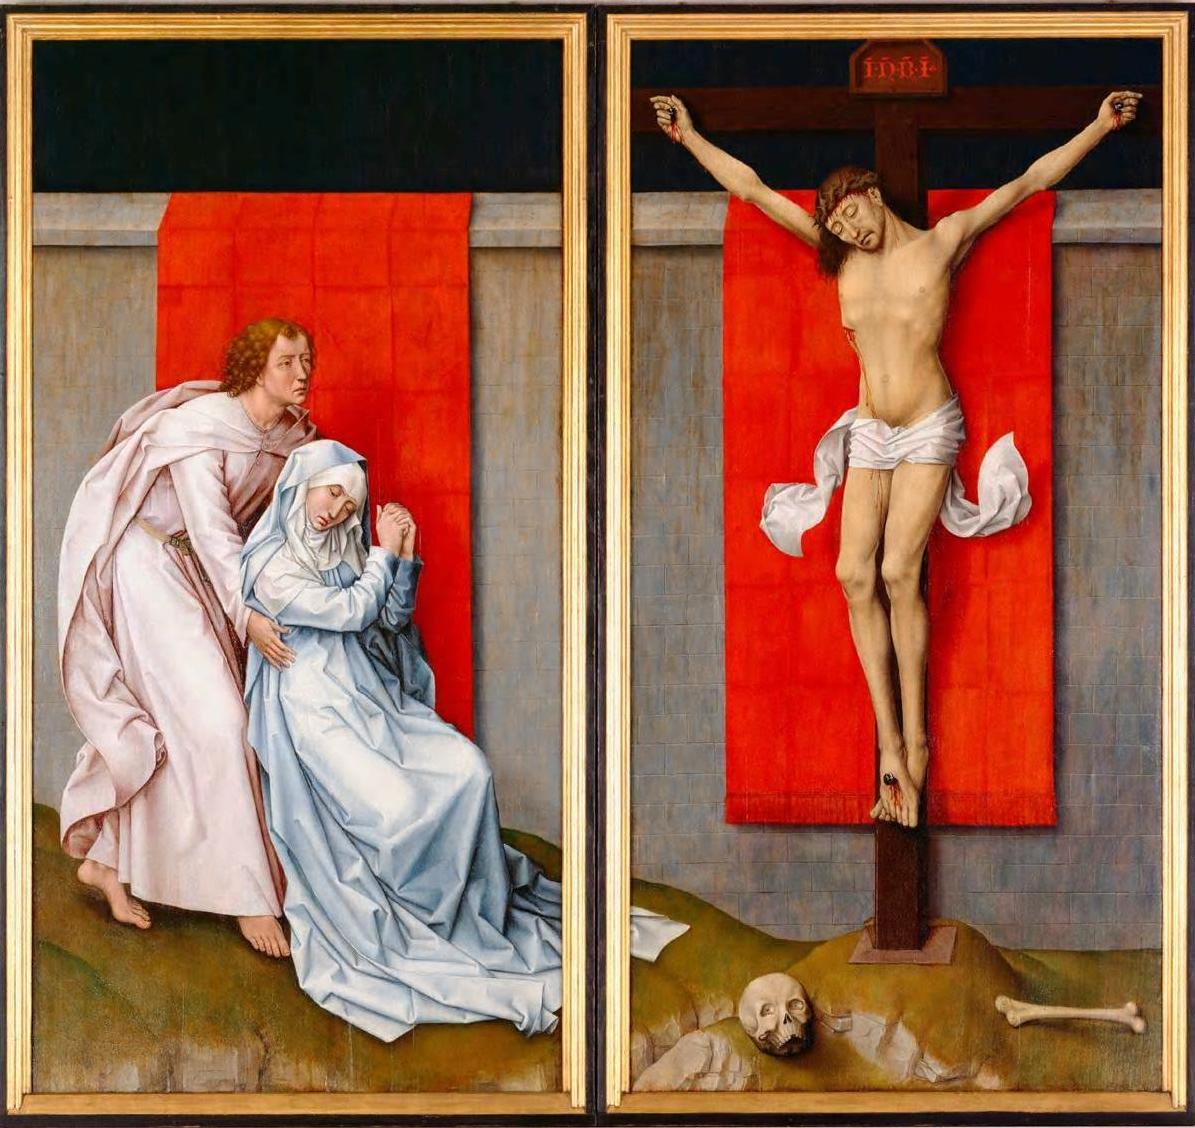 רוחיר ואן דר ויידן, צליבה 1460 (לחצו להגדלה)